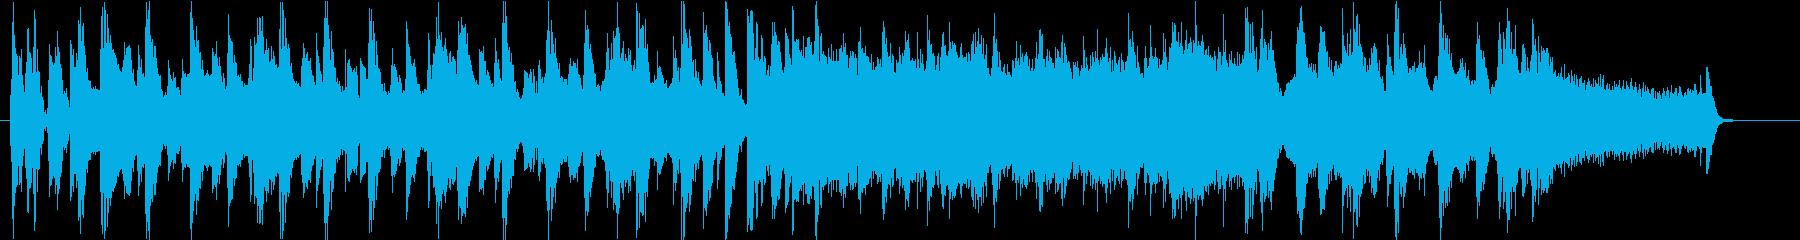 ビッグバンド風深夜のバラエティOPの再生済みの波形